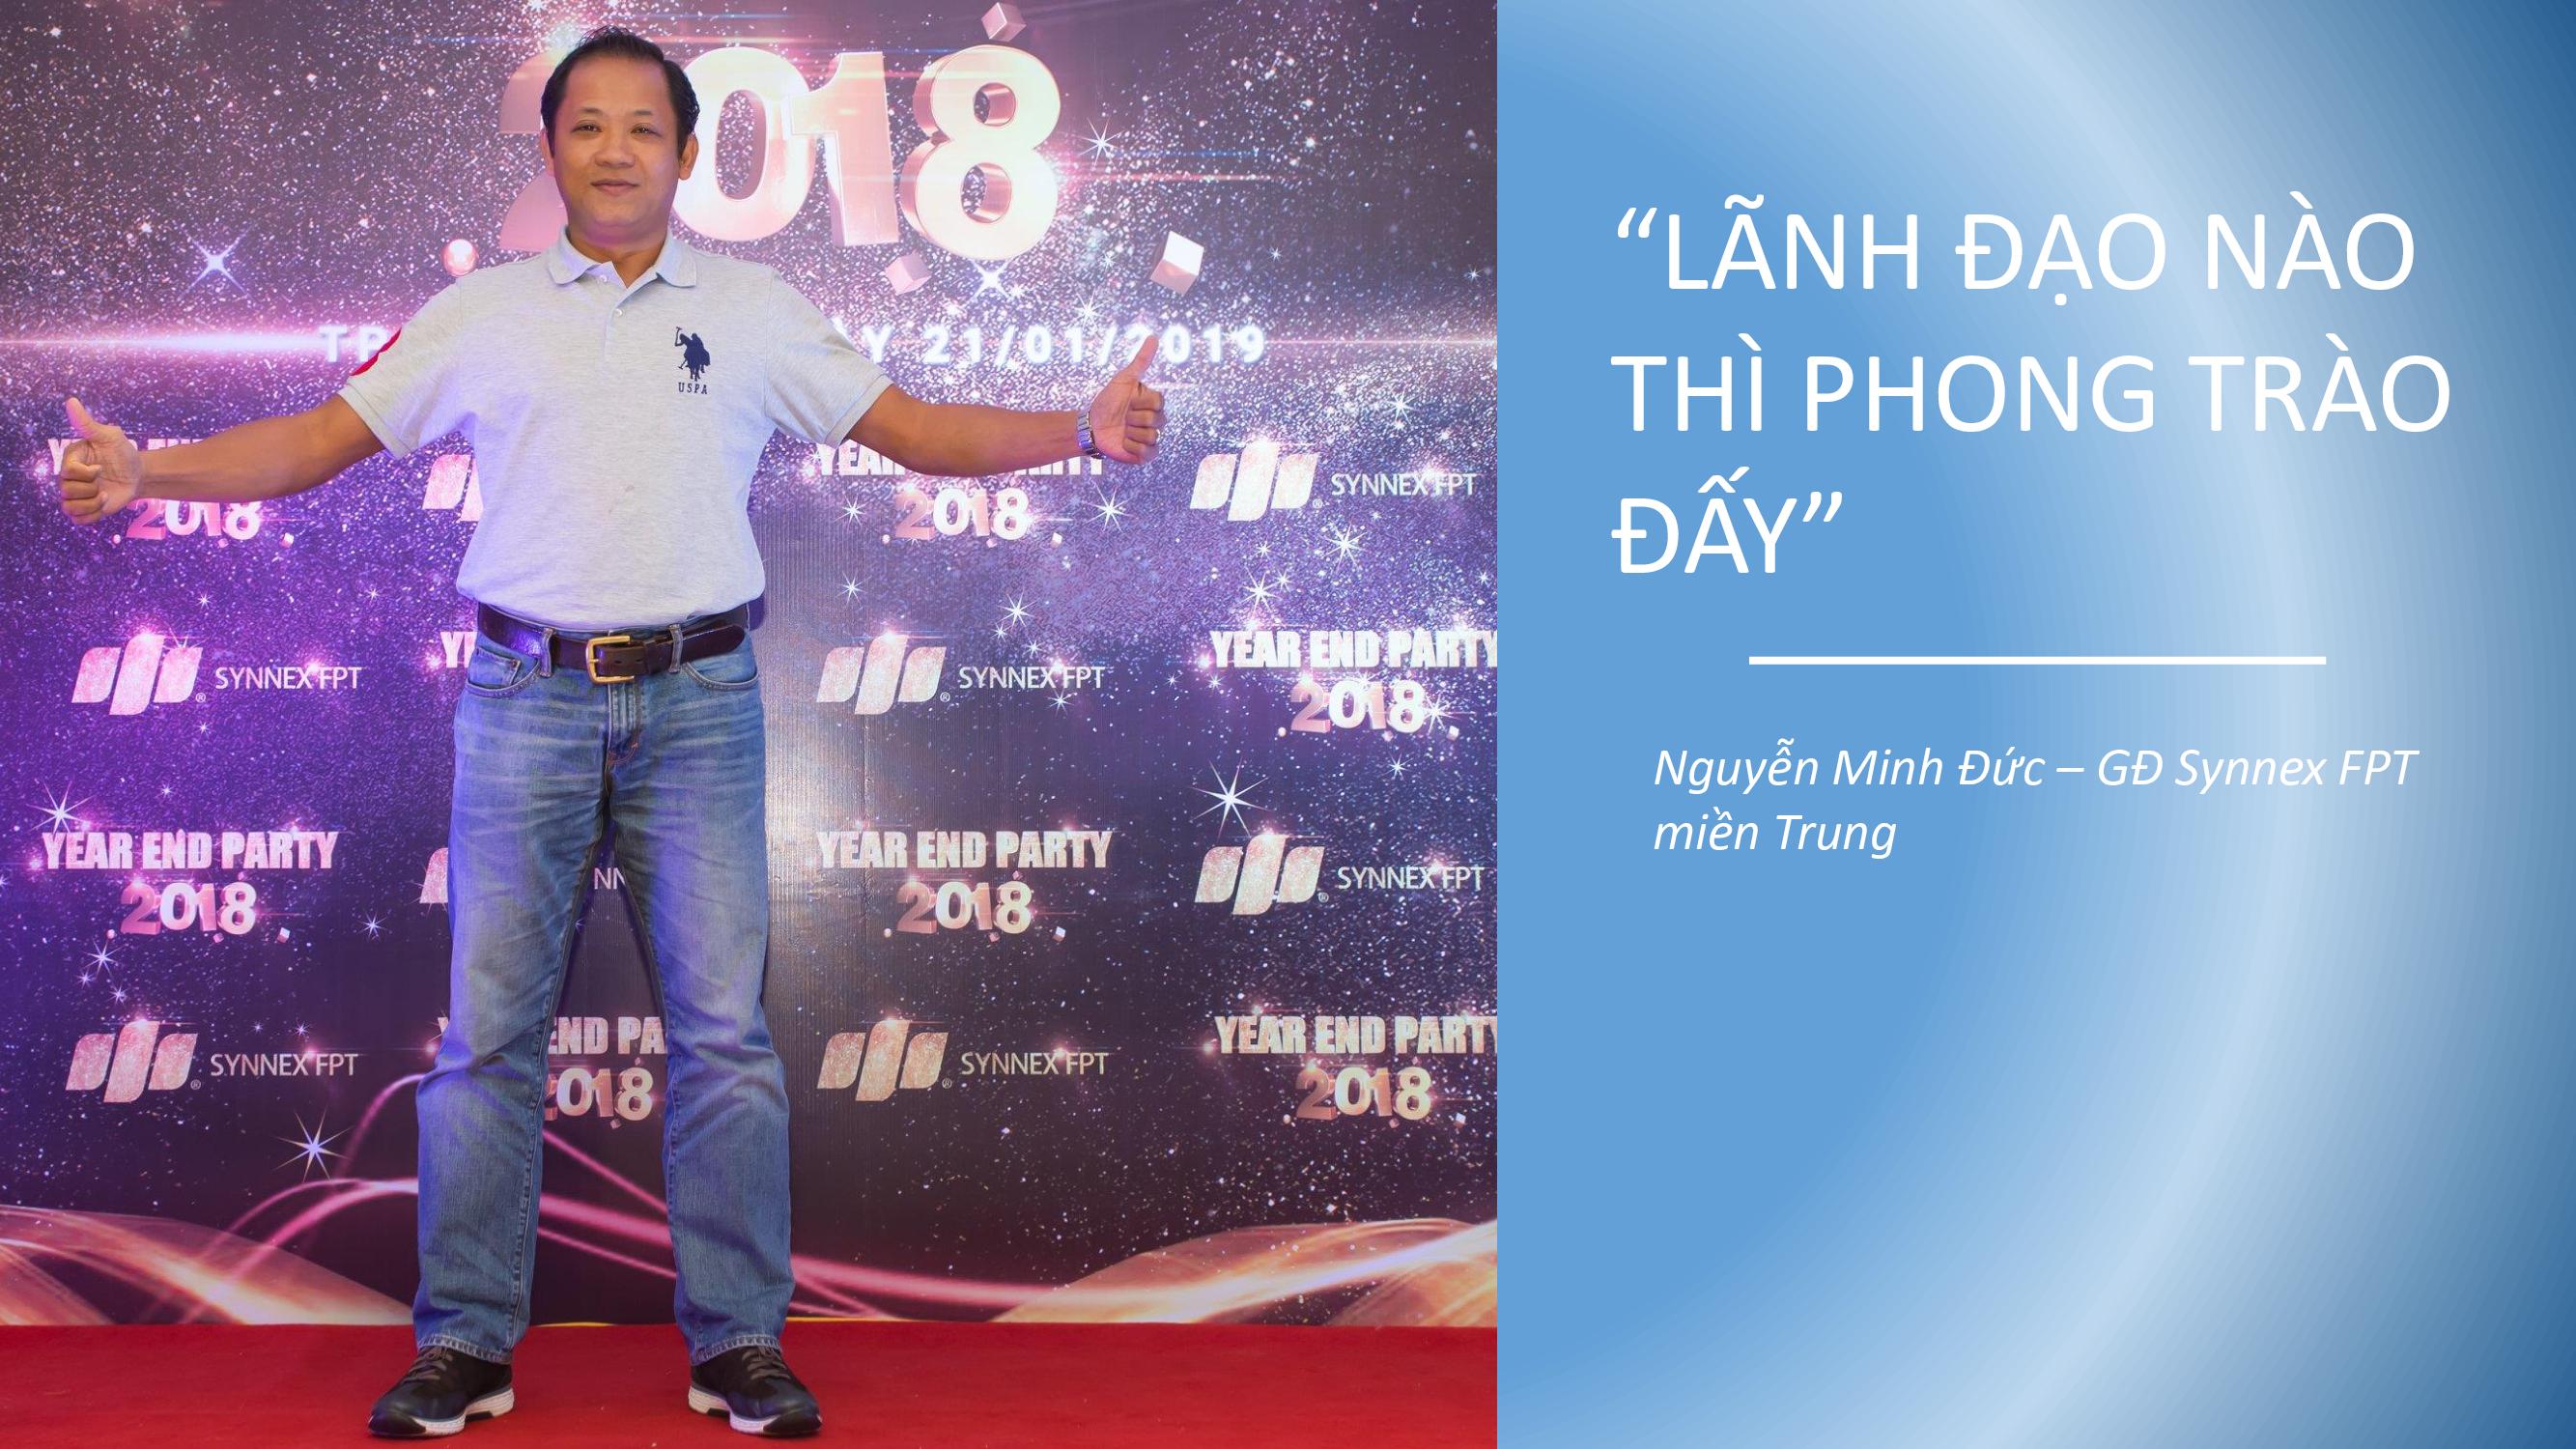 Luôn xuất phát từ lãnh đạo cấp cao đến trưởng phòng, đó là quan điểm của anh Nguyễn Minh Đức - GĐ Synnex FPT miền Trung. Từ đó, các nhân viên sẽ có tấm gương để học tập và noi theo.